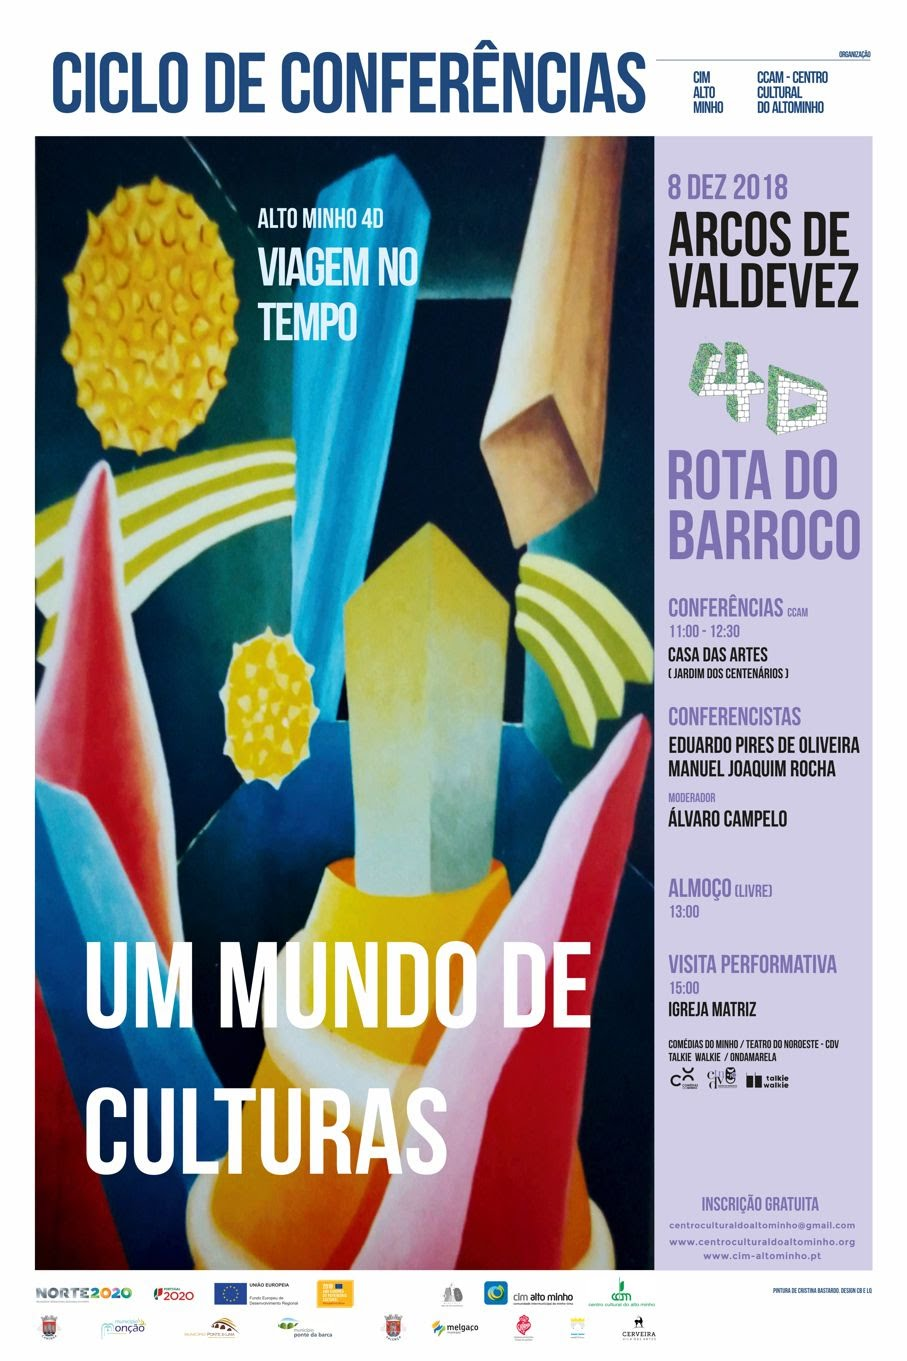 https://sites.google.com/a/centroculturaldoaltominho.org/ccam/home/VIAGEM%20DO%20TEMPO%20ARCOS%20DE%20VALDEVEZ.jpg